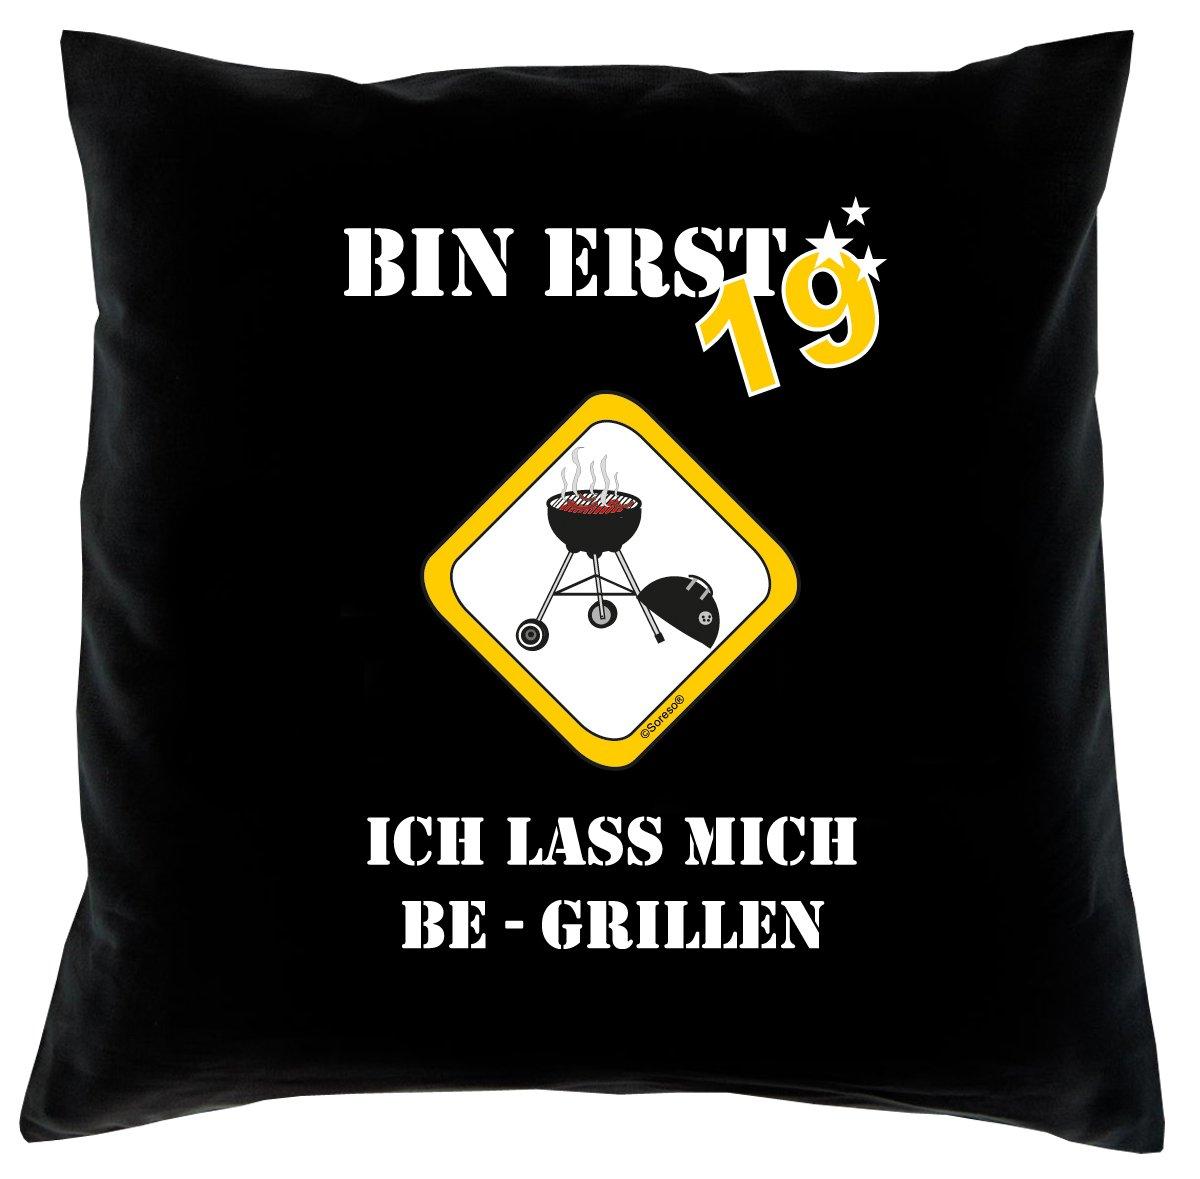 19. Geburtstag Kissen, Sitzkissen, Sofakissen, Dekokissen Bin erst 19! Farbe: Schwarz komplett mit Füllung 40x40cm Größe: 40x40cm